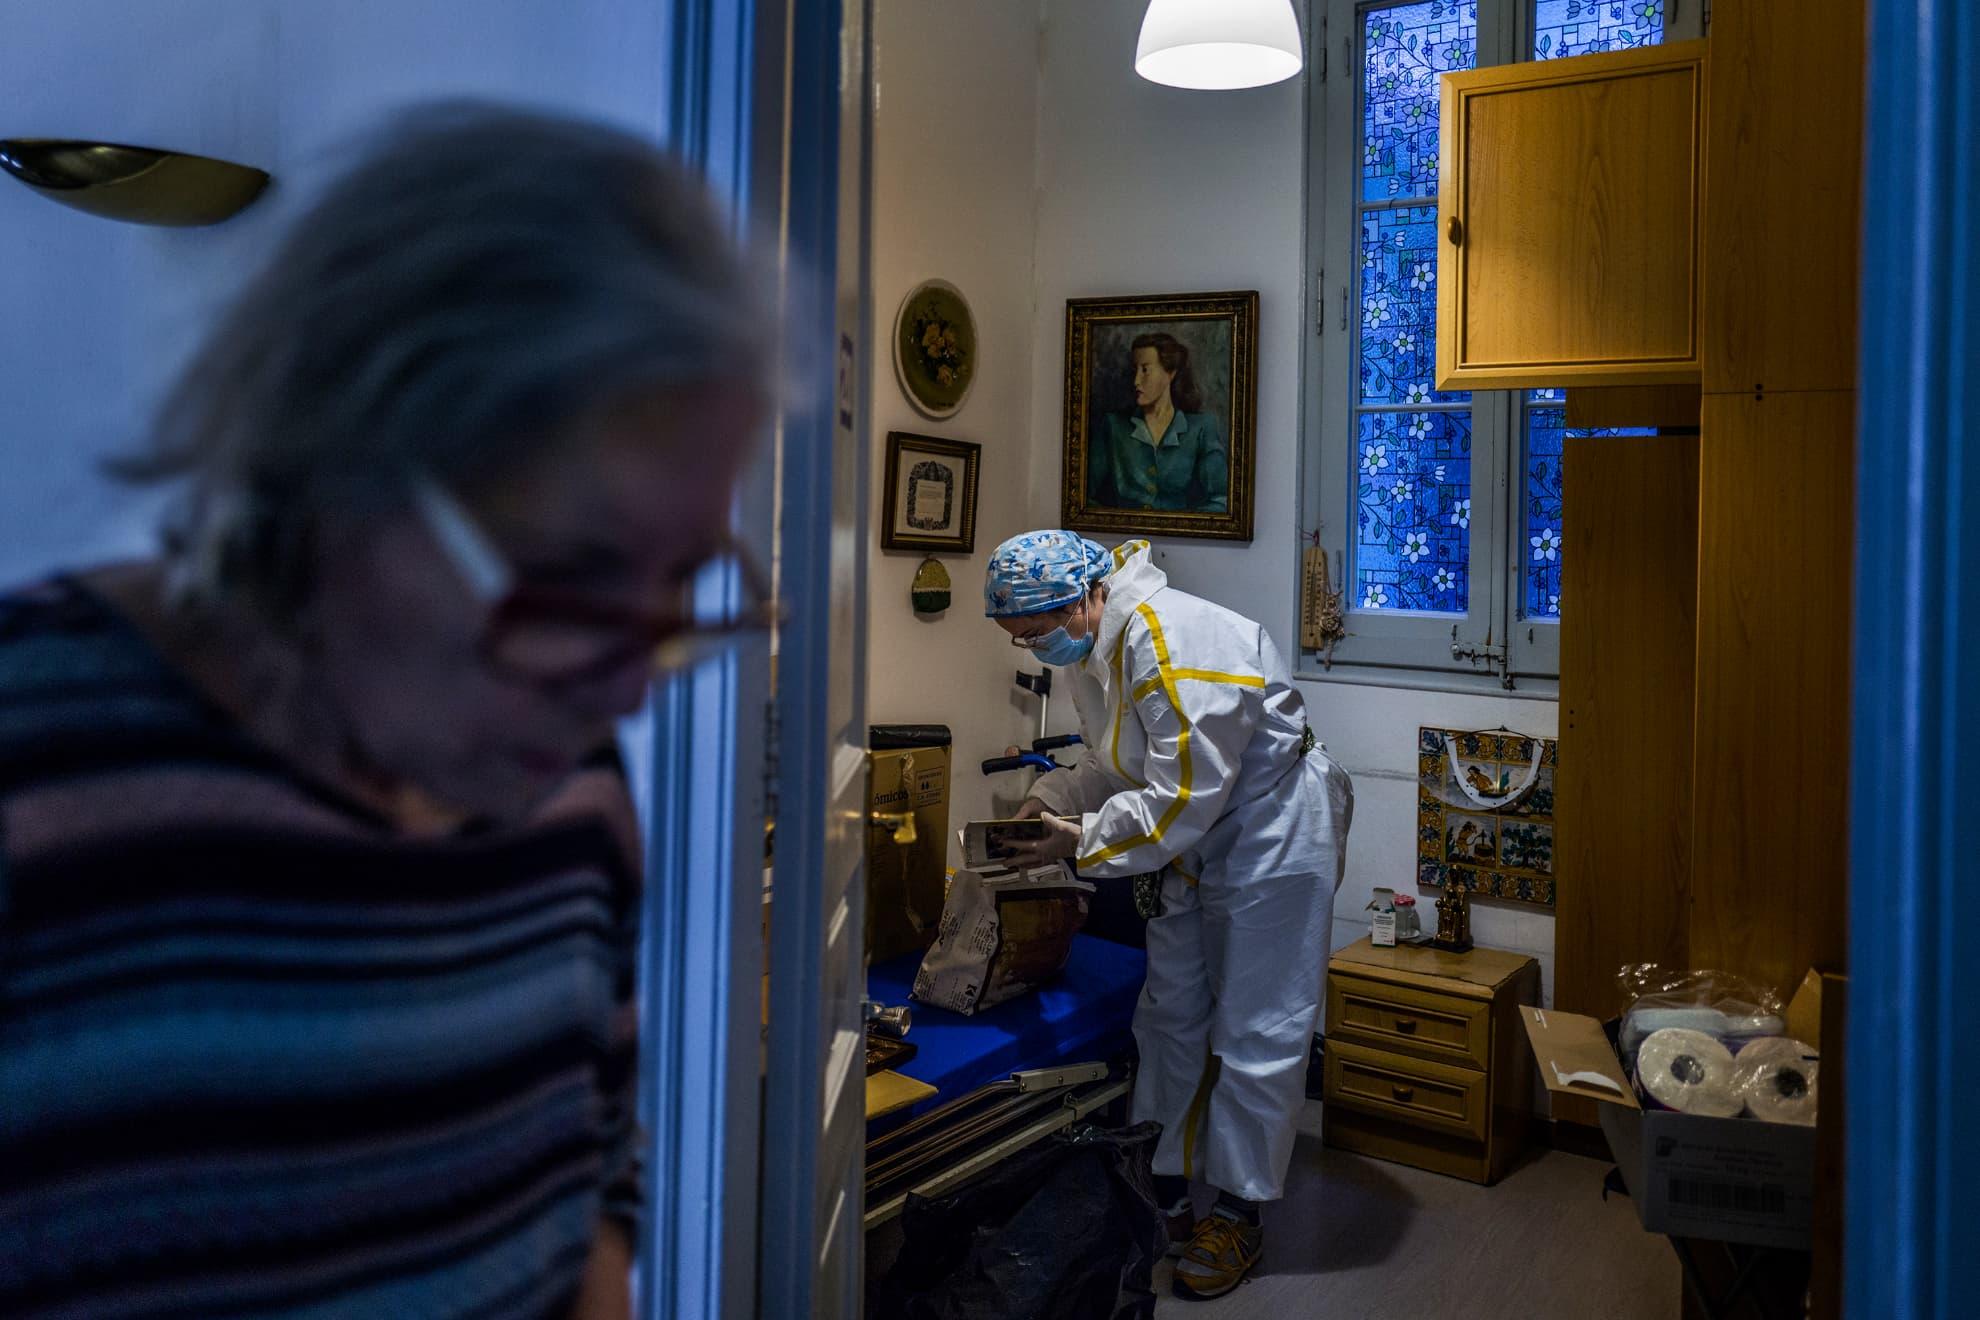 María ordena las cosas que tenía Monserrat para enviárselas a su familia. En una residencia de Barcelona. //¡Abuel@s! ¡Memoria! ¿Por qué estamos solos? ¡Solos!